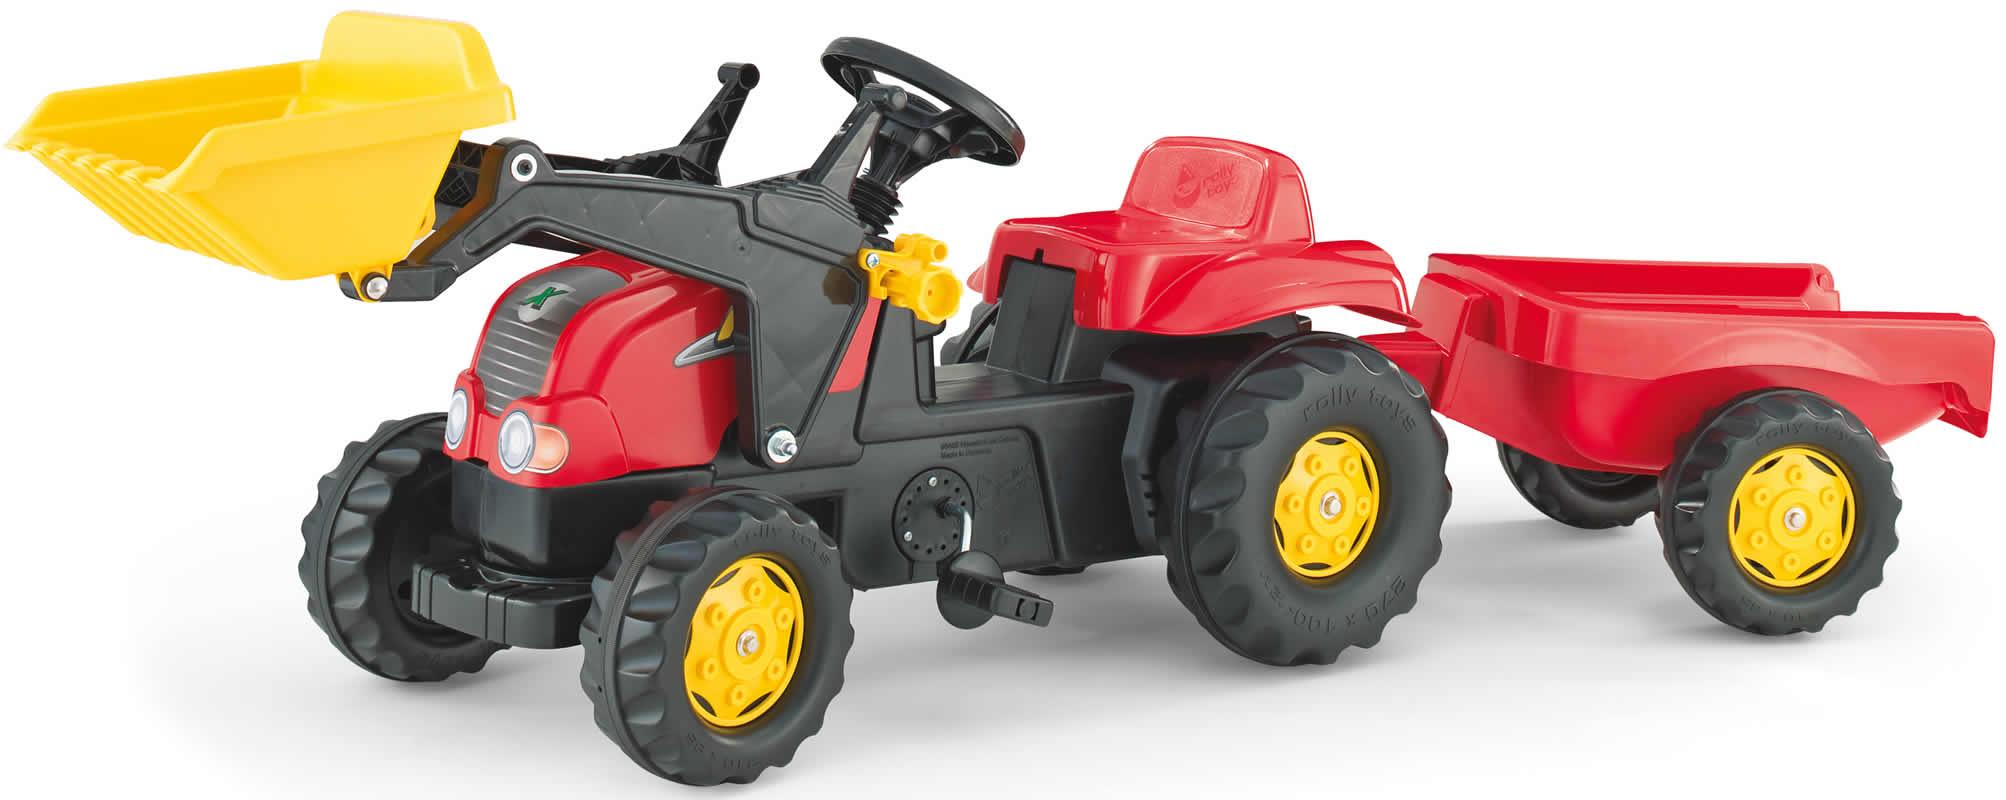 rolly toys traktor trettraktor lader anh nger john deere deutz fahr fendt ebay. Black Bedroom Furniture Sets. Home Design Ideas